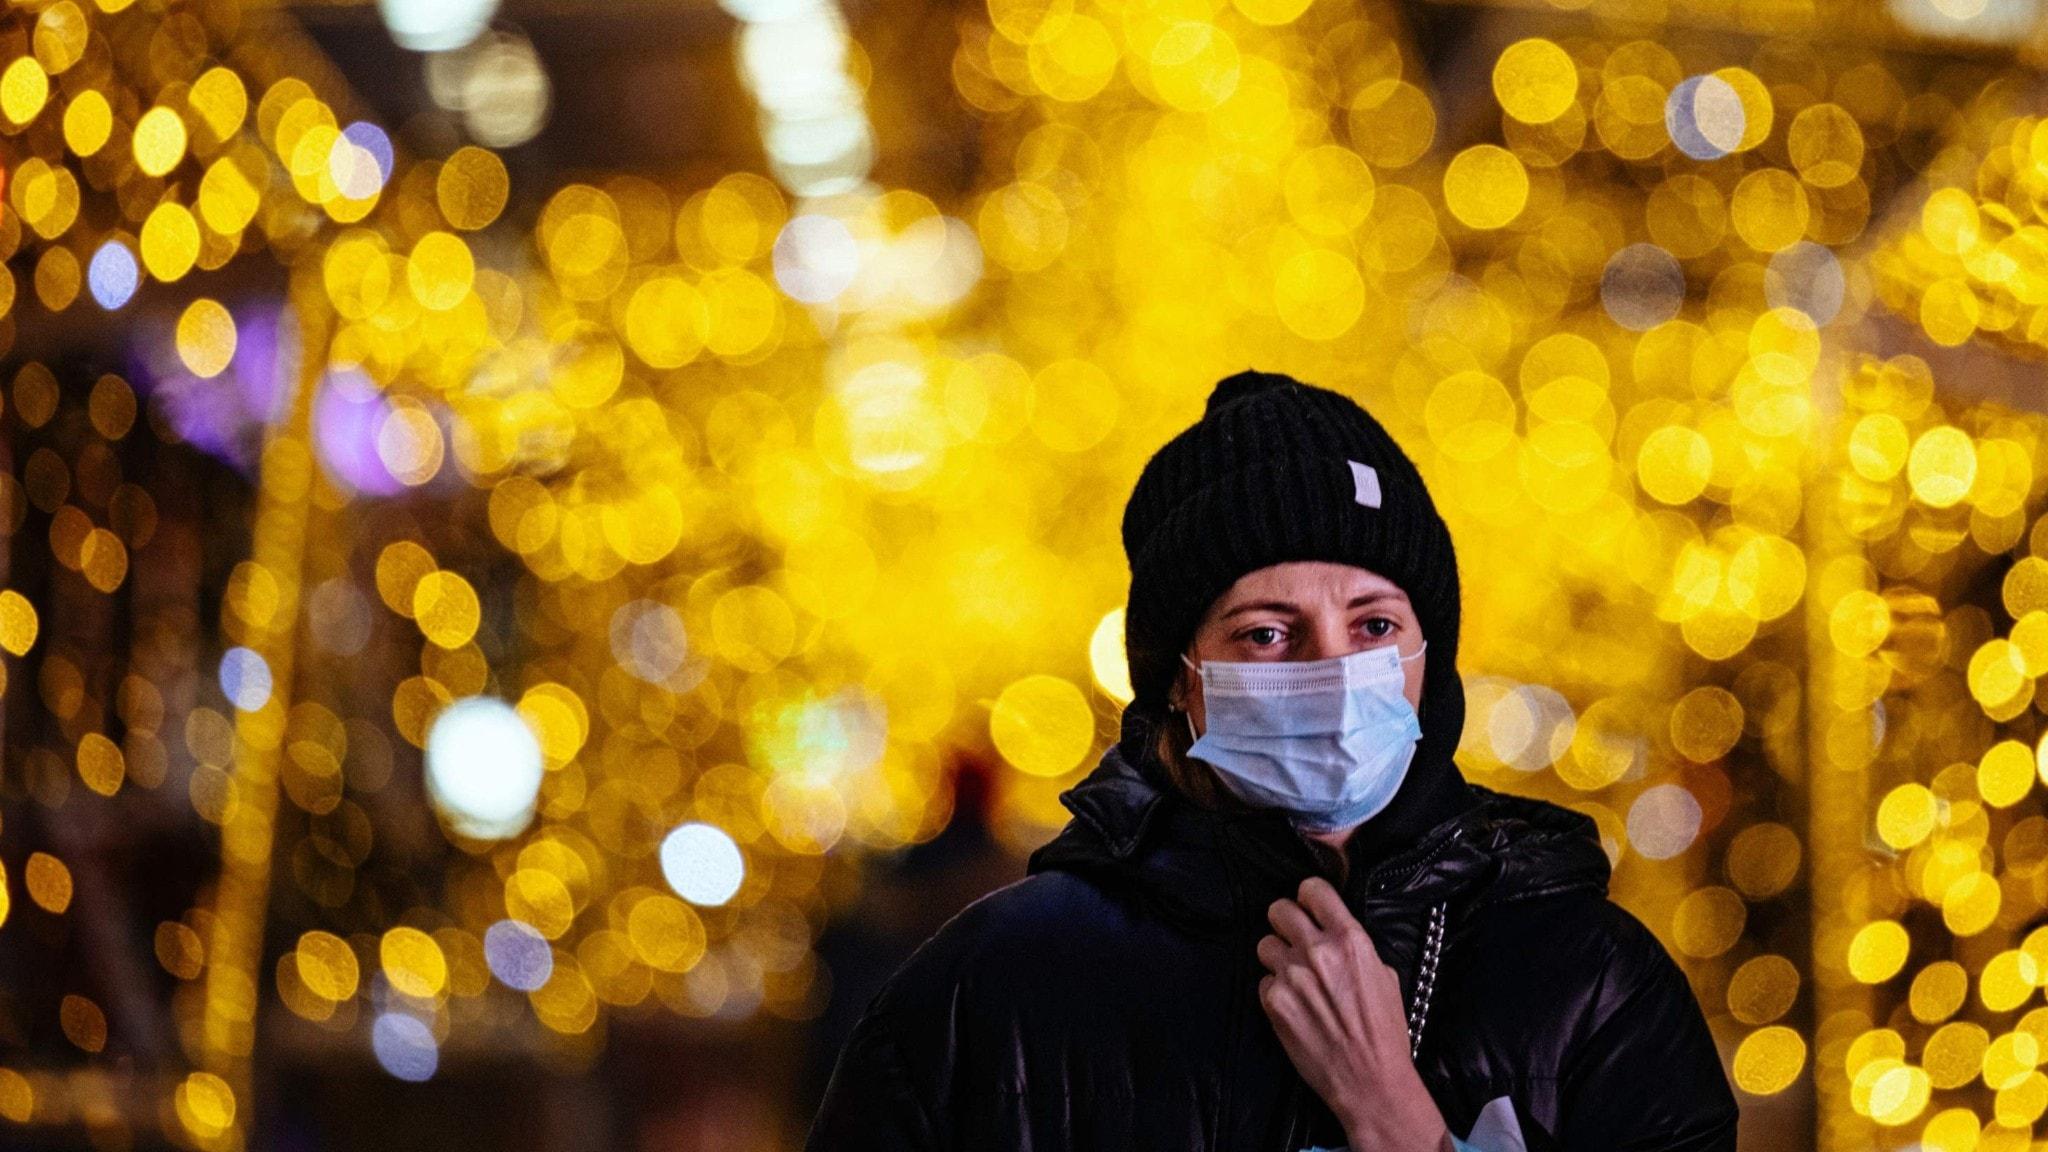 Konflikts julspecial: Ett år med corona